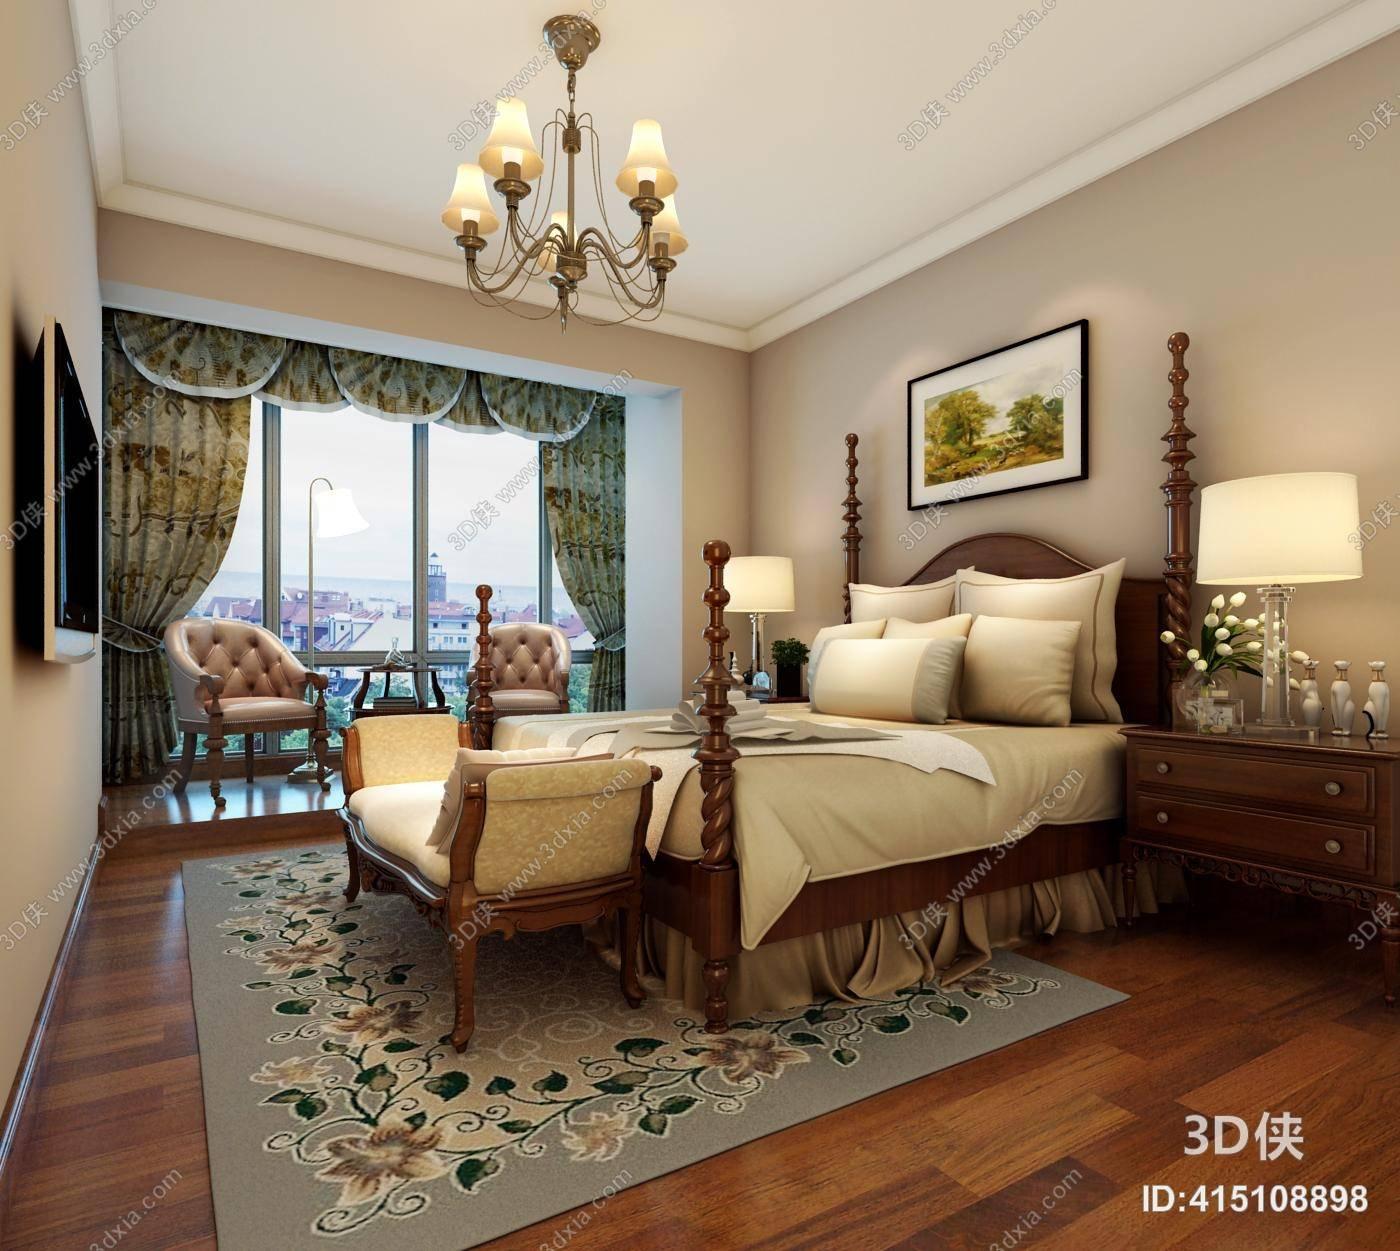 传统美式家居卧室 美式简约铜艺吊灯 传统美式木艺双人床 传统美式长图片